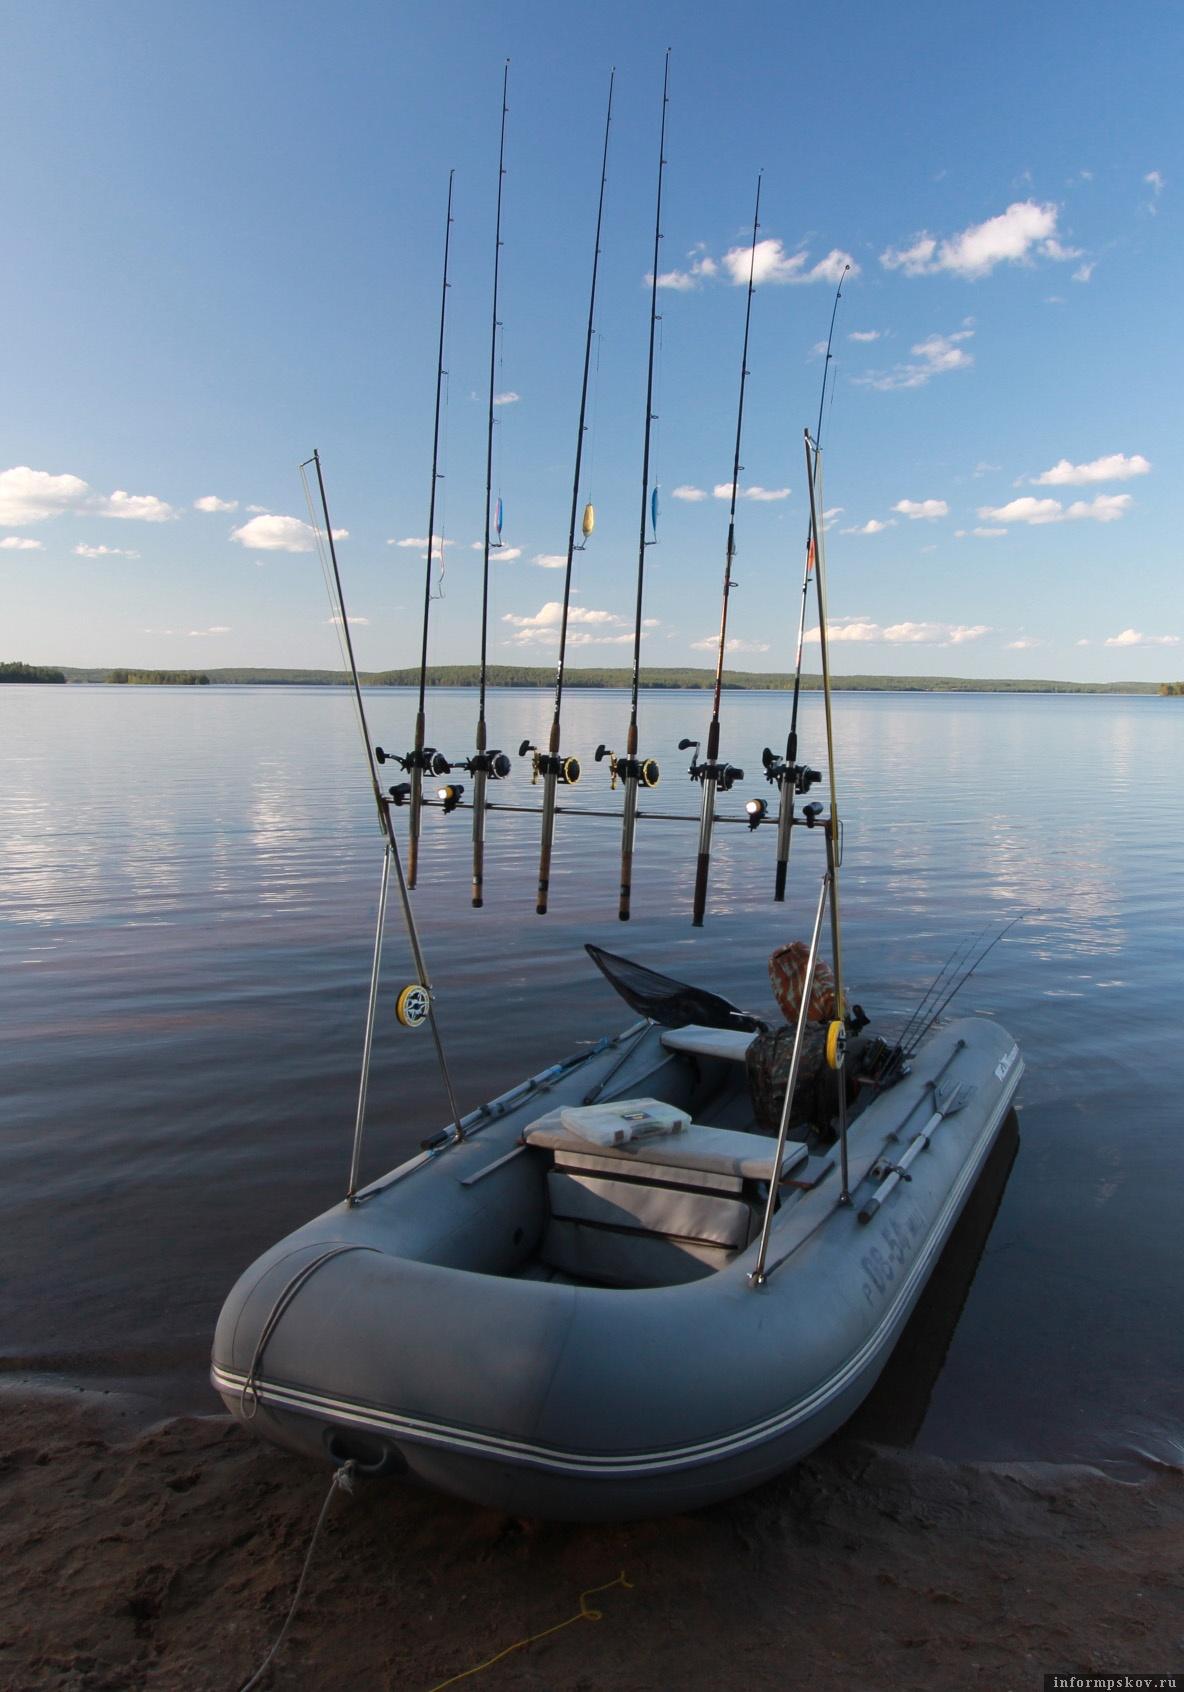 Такой троллинг, с применением более двух спиннингов, на водоёмах Псковской области запрещён Правилами рыболовства ещё с 2014 года. Фото предоставлено автором.